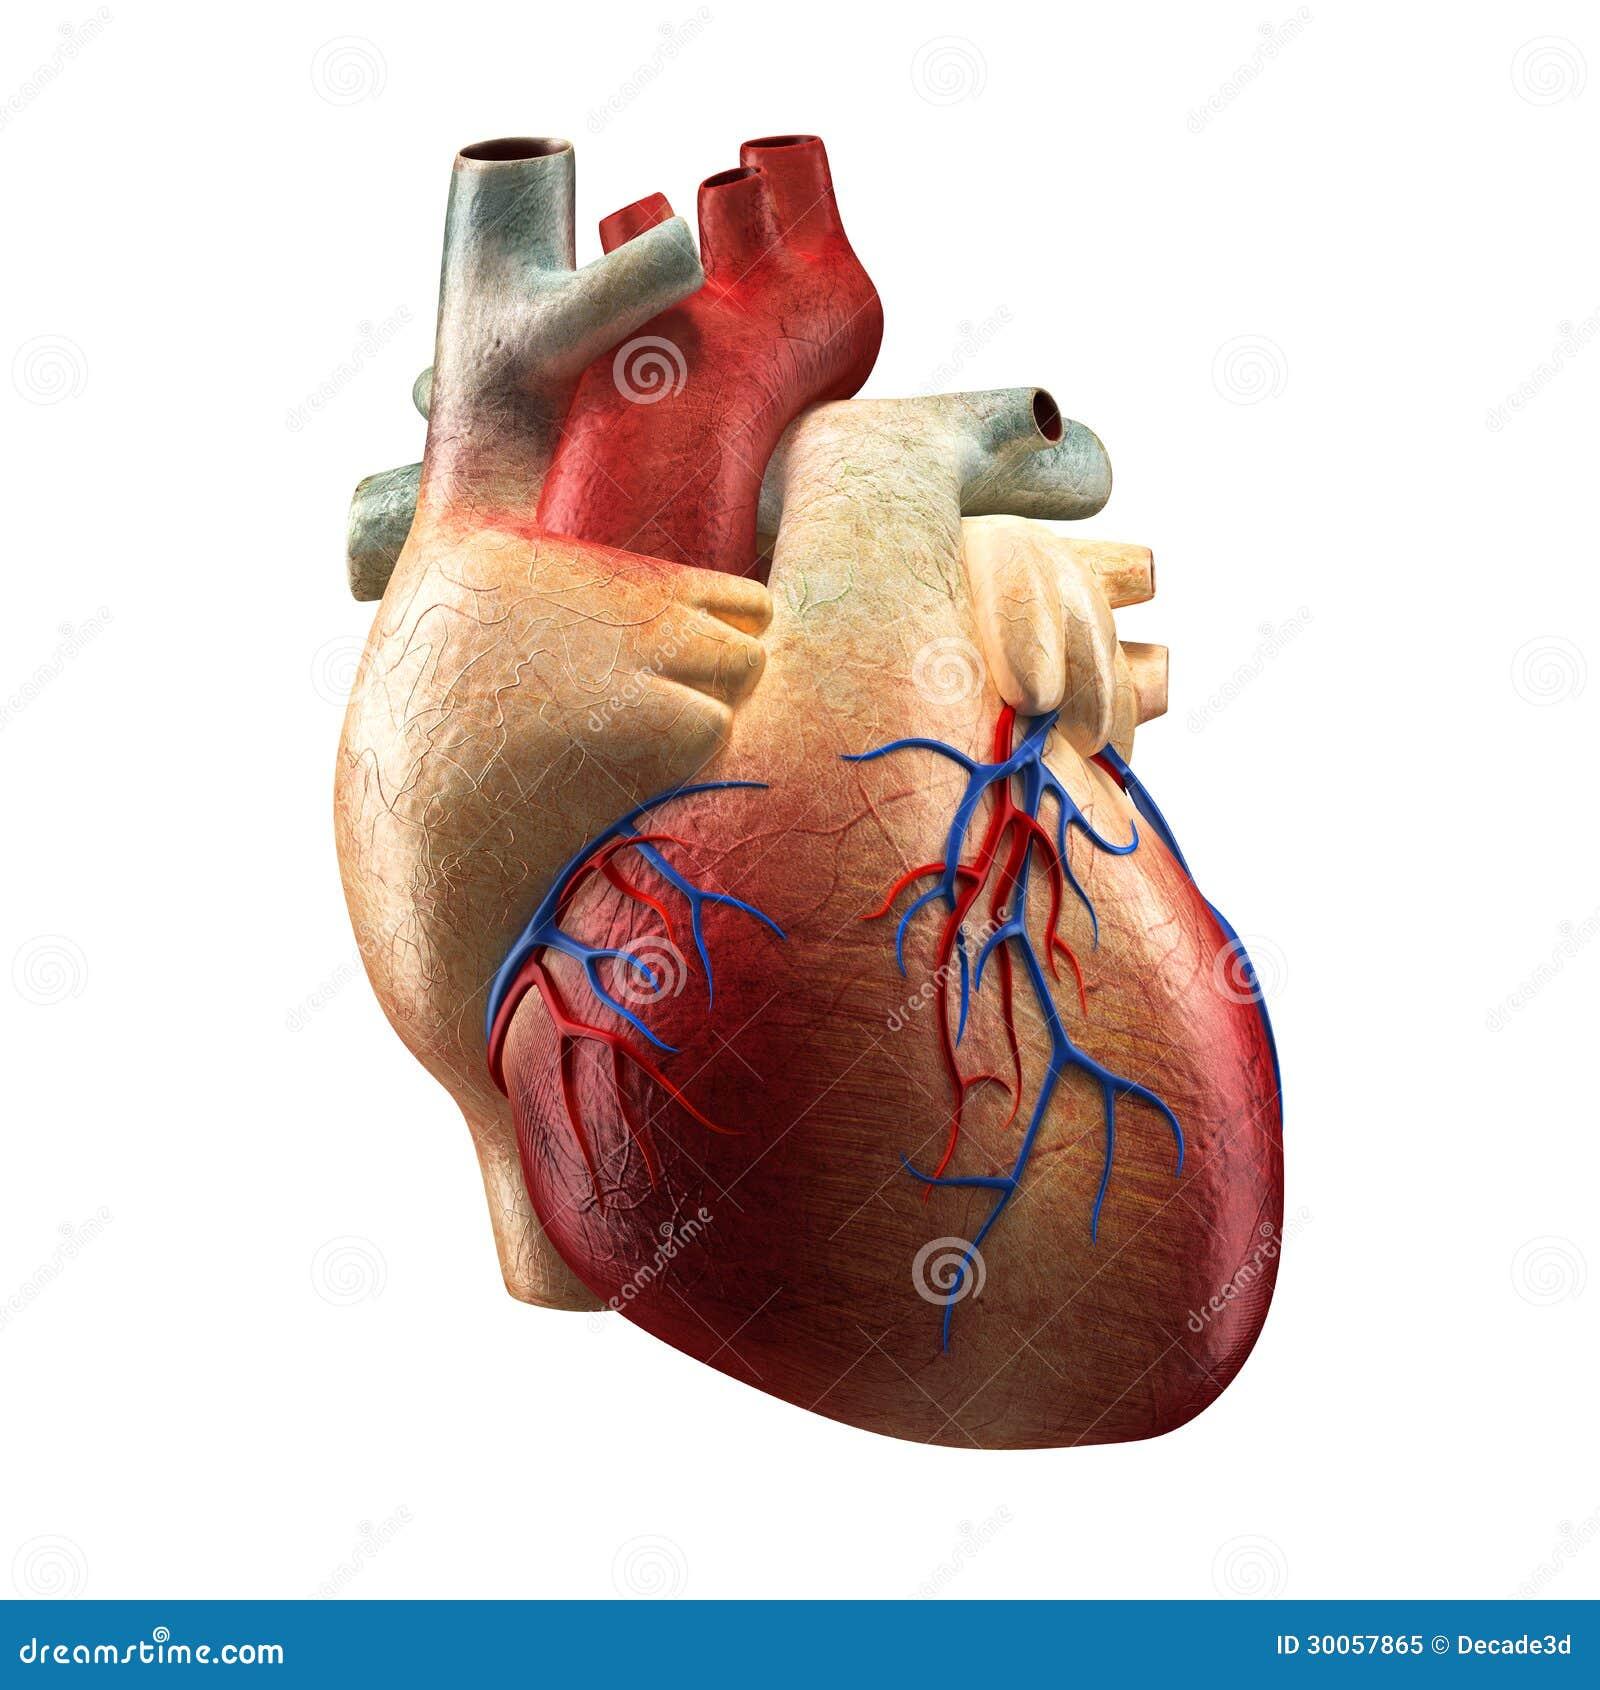 Corazón real foto de archivo. Imagen de órgano, rojo - 31114004